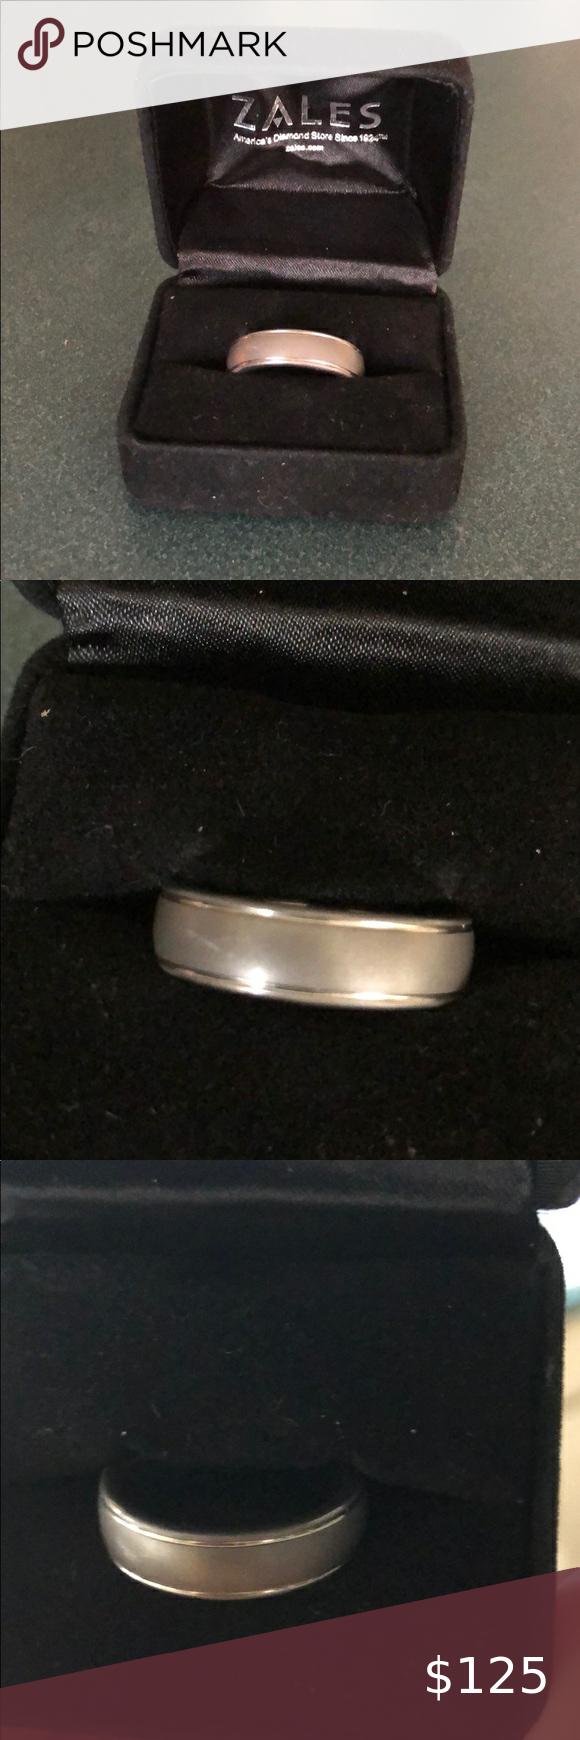 Zales Jewelers Men's Rings : zales, jewelers, men's, rings, Men's, Tungsten, Wedding, Ring,, Rings, Tungsten,, Rings,